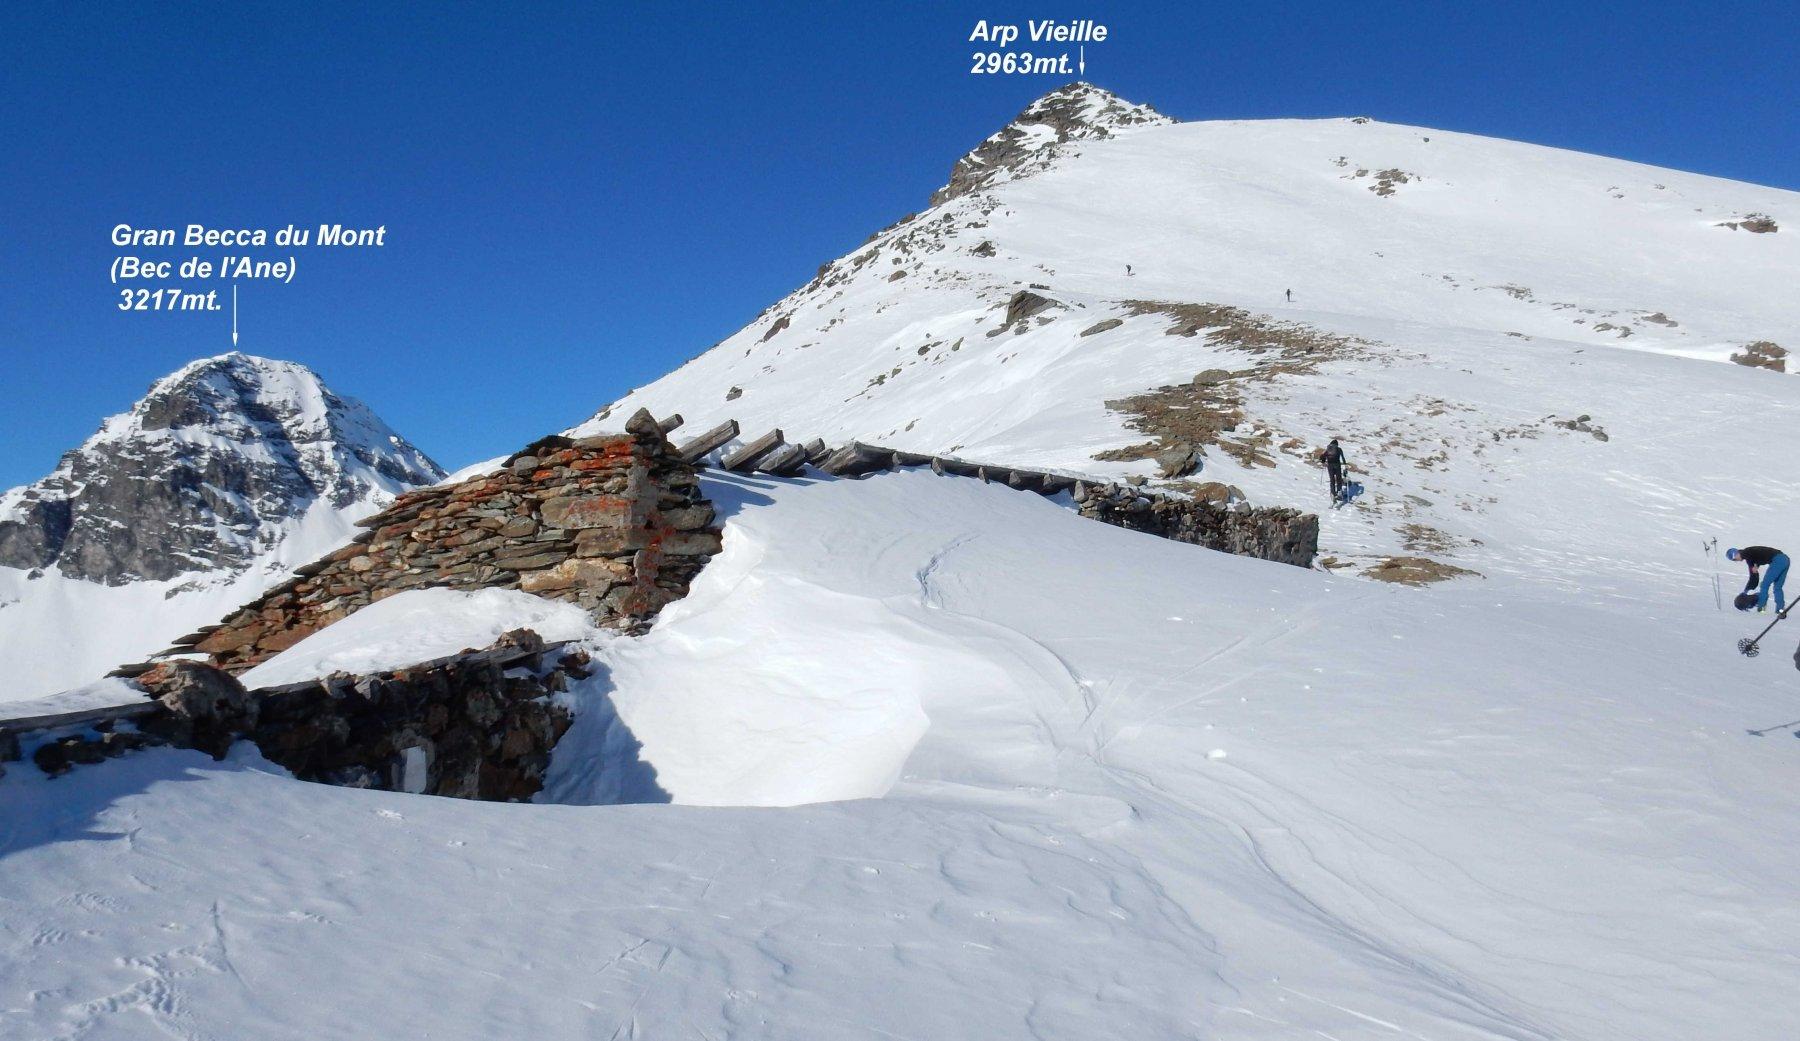 Panorama giunti alla spalla verso l'Arp Vieille.